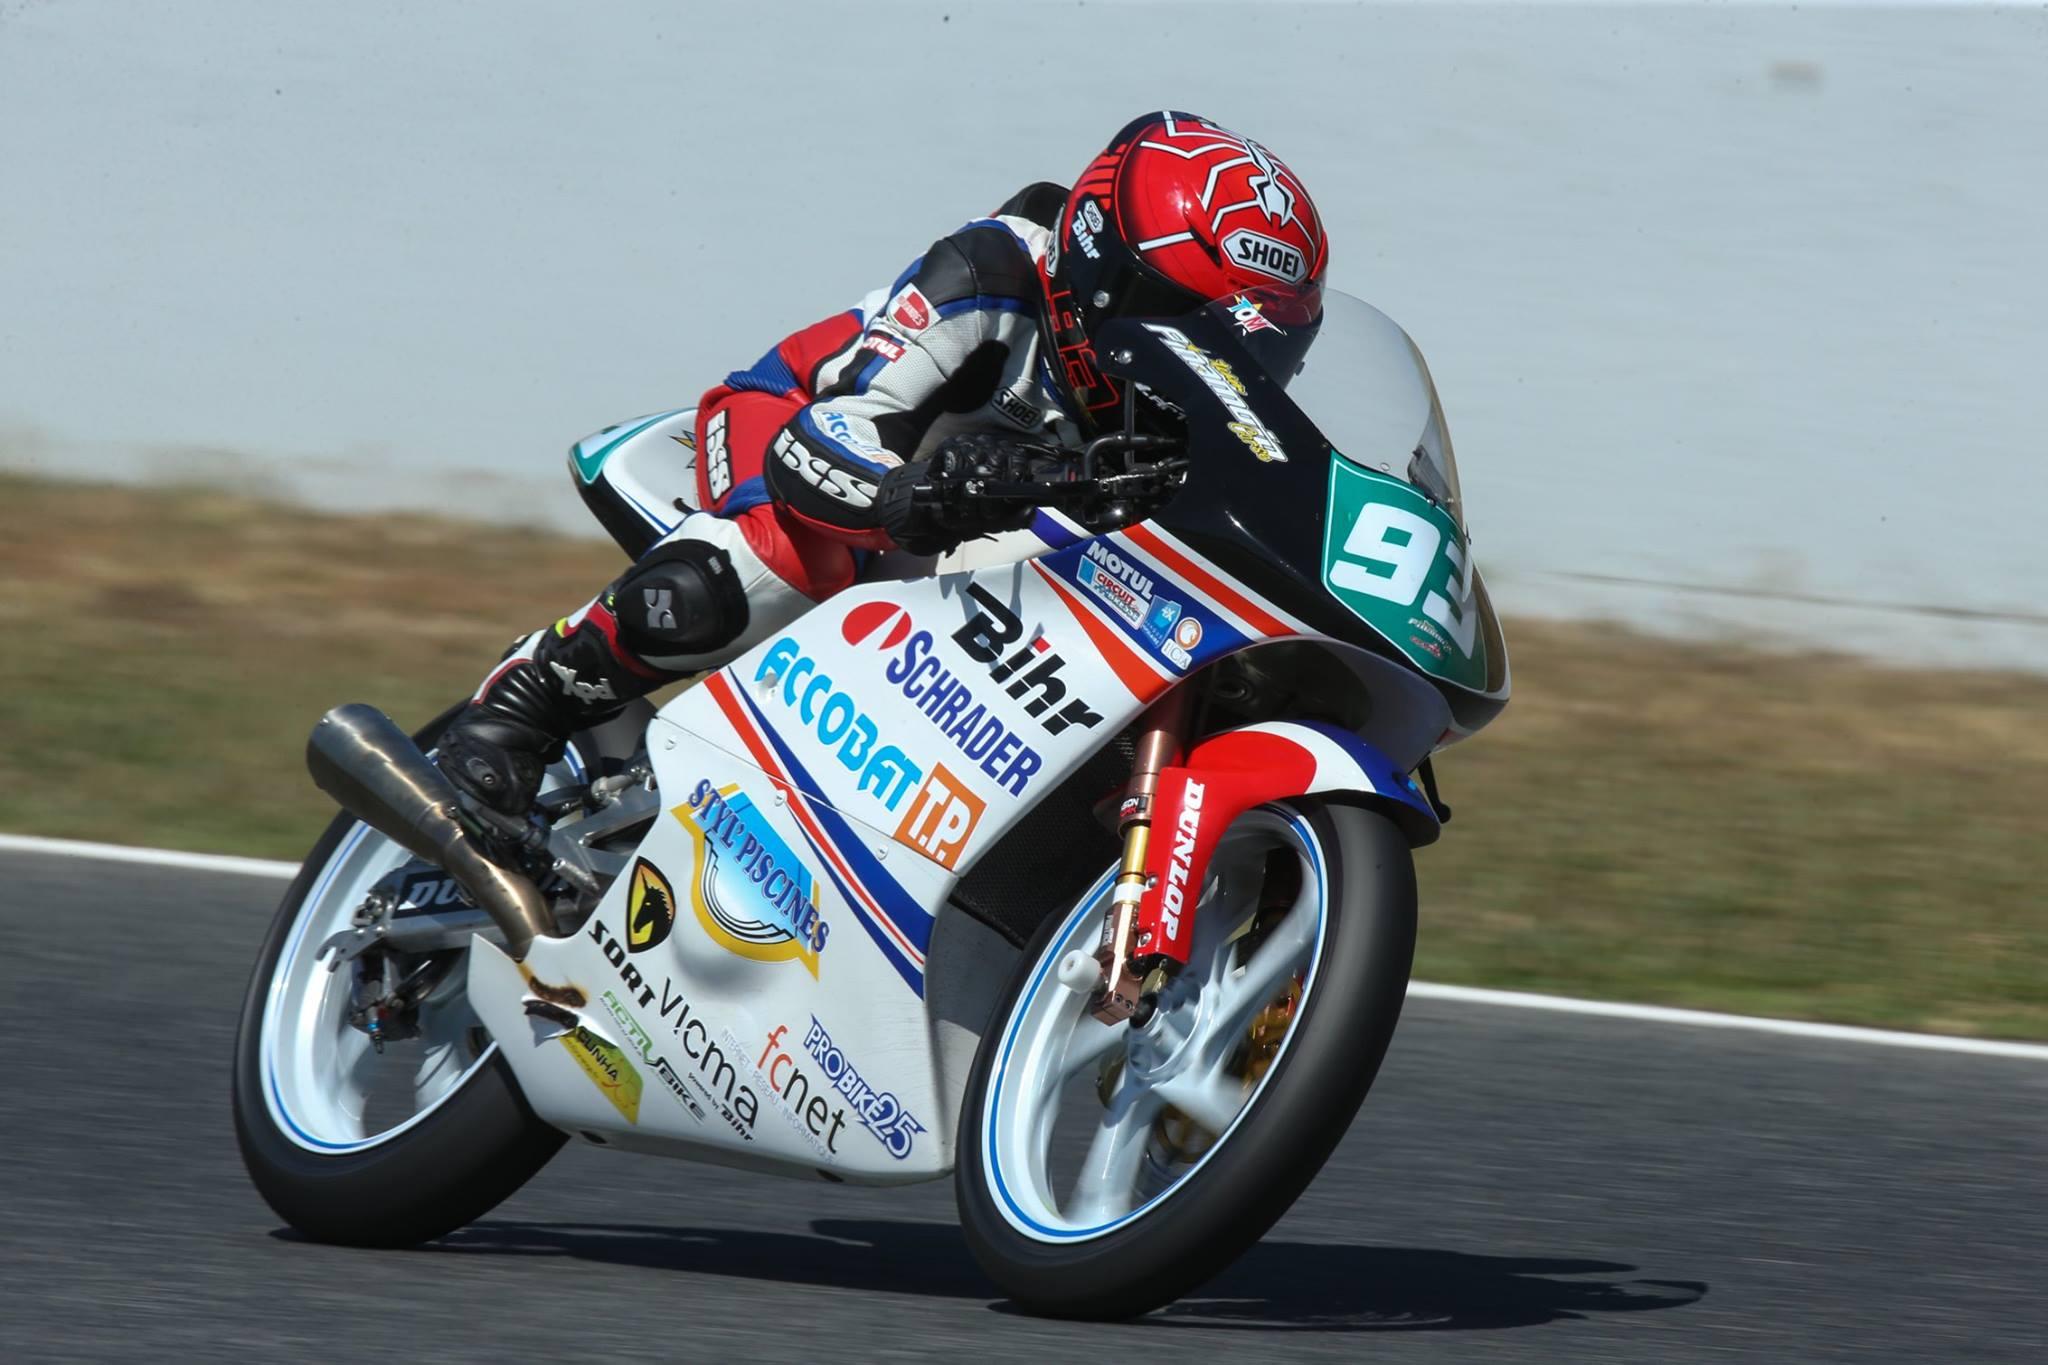 Pinamoto Racing